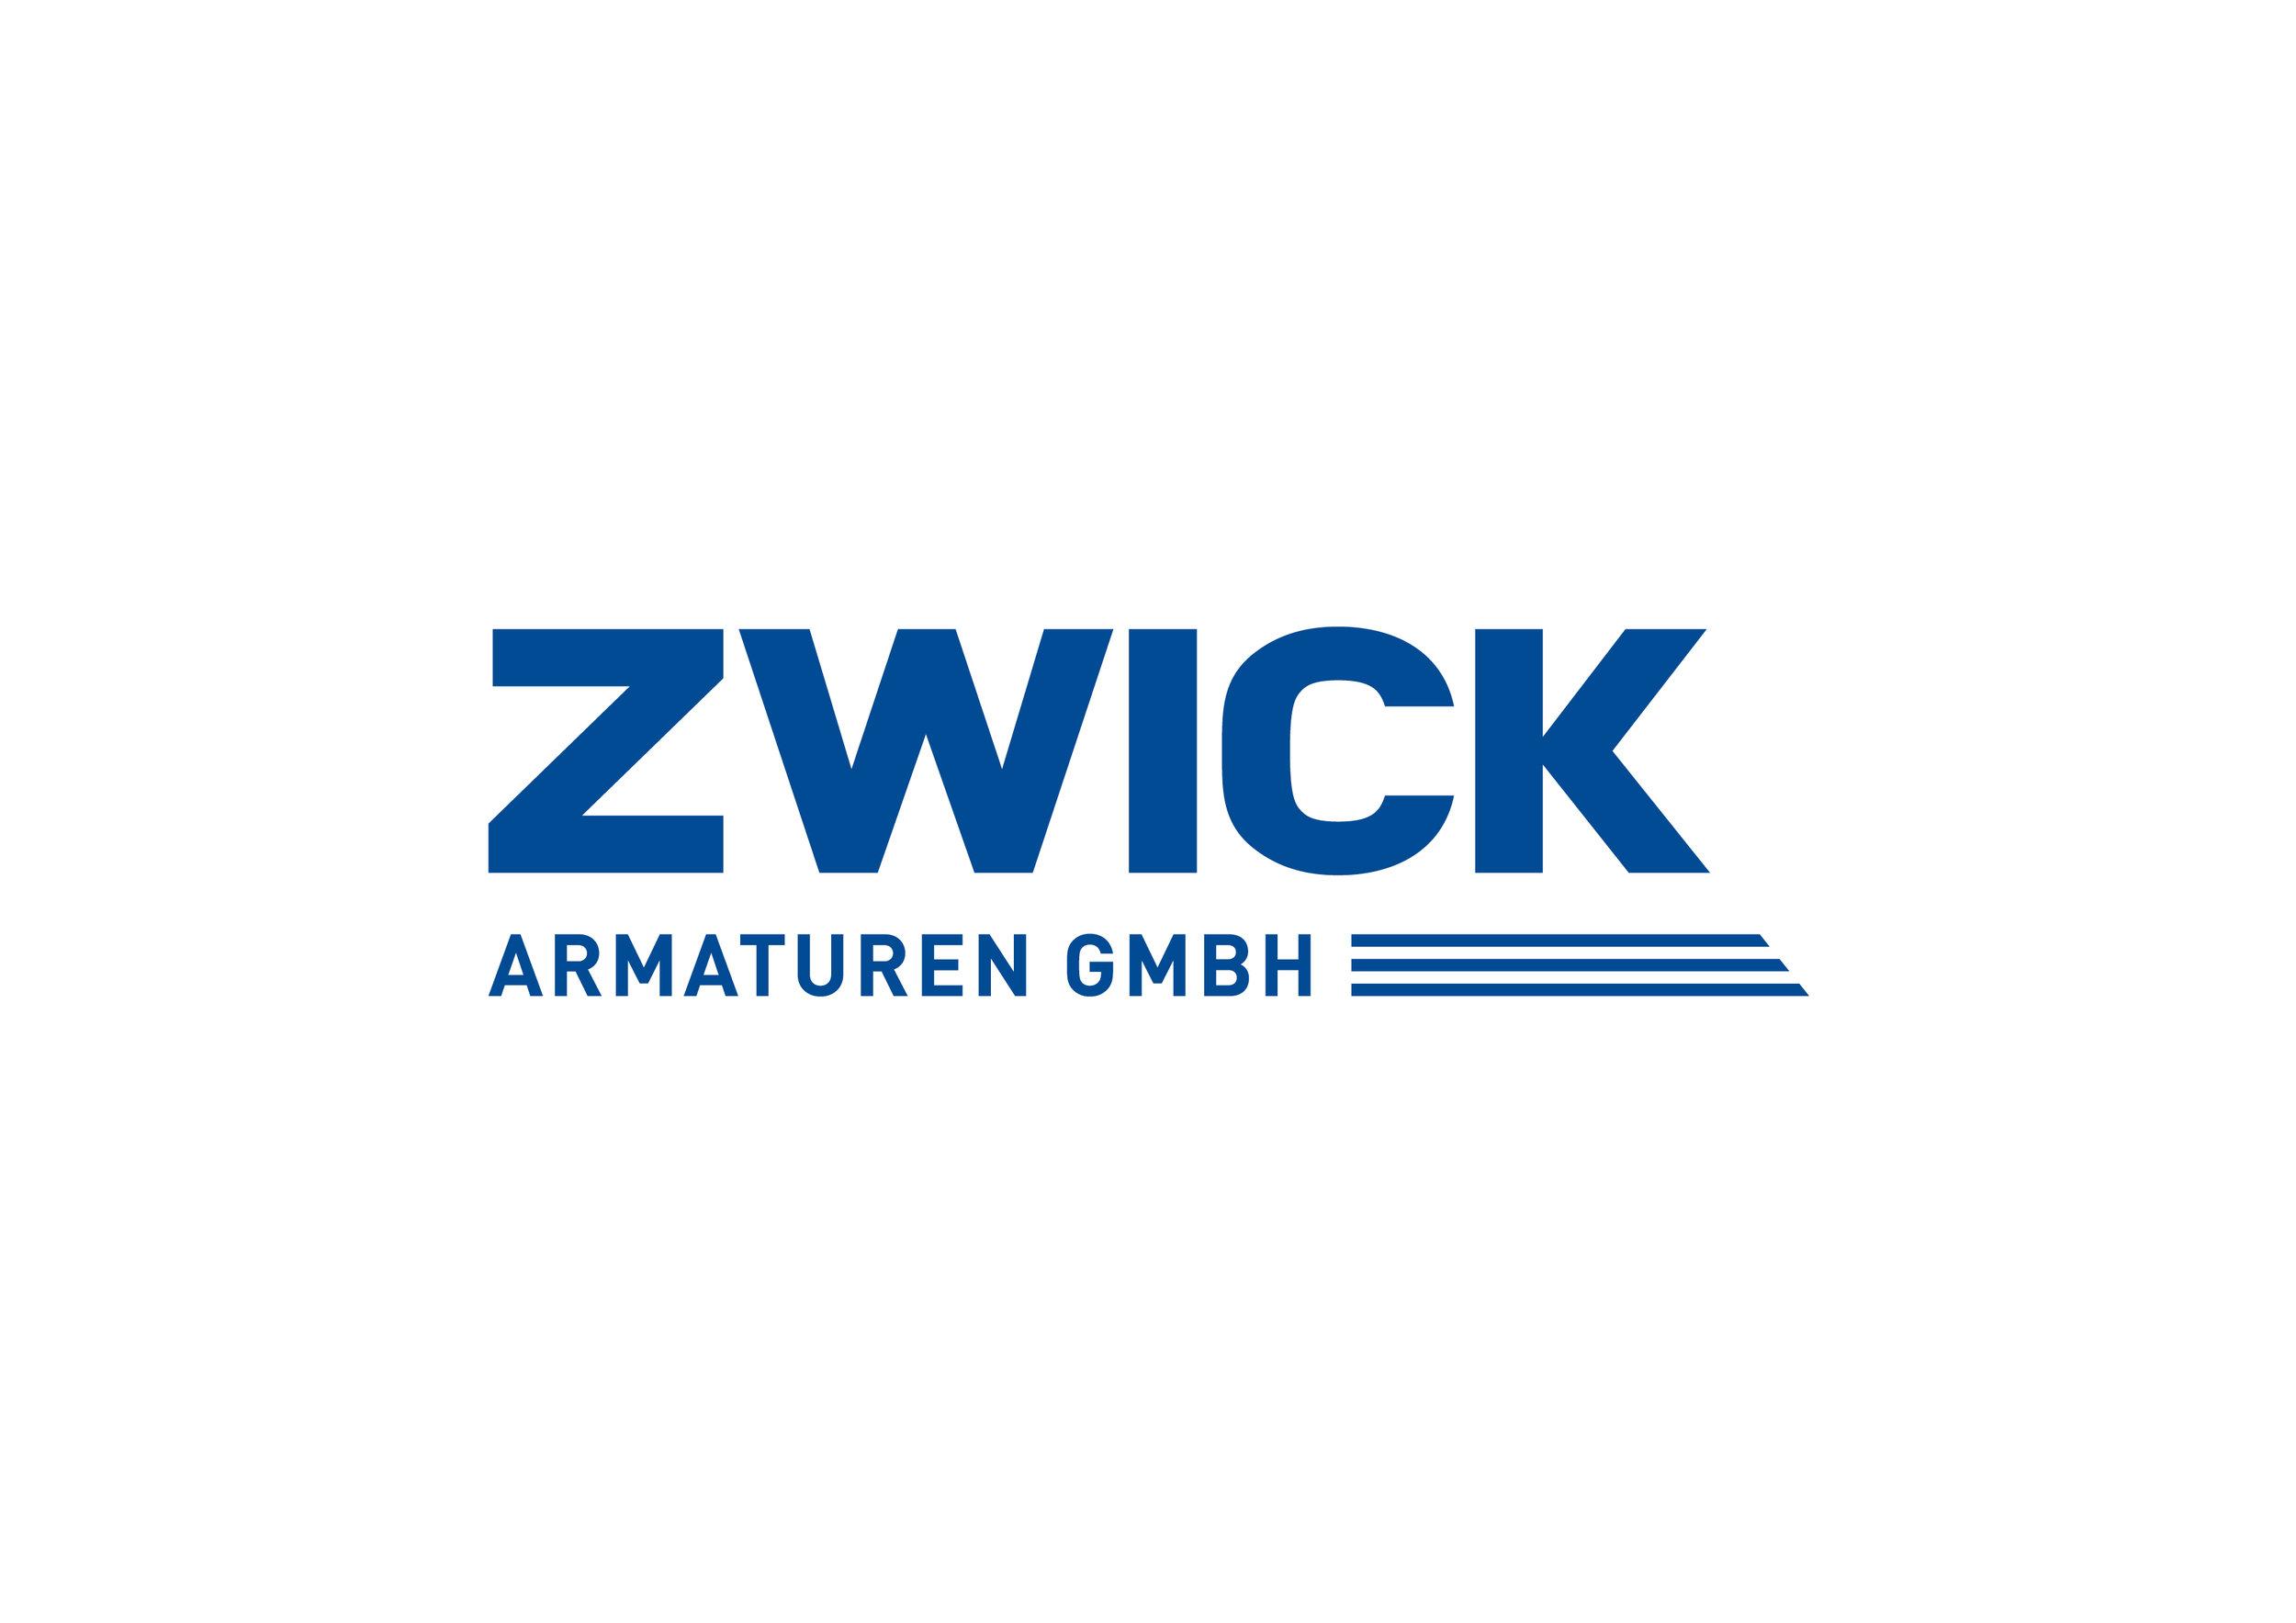 zwick_logo.jpg